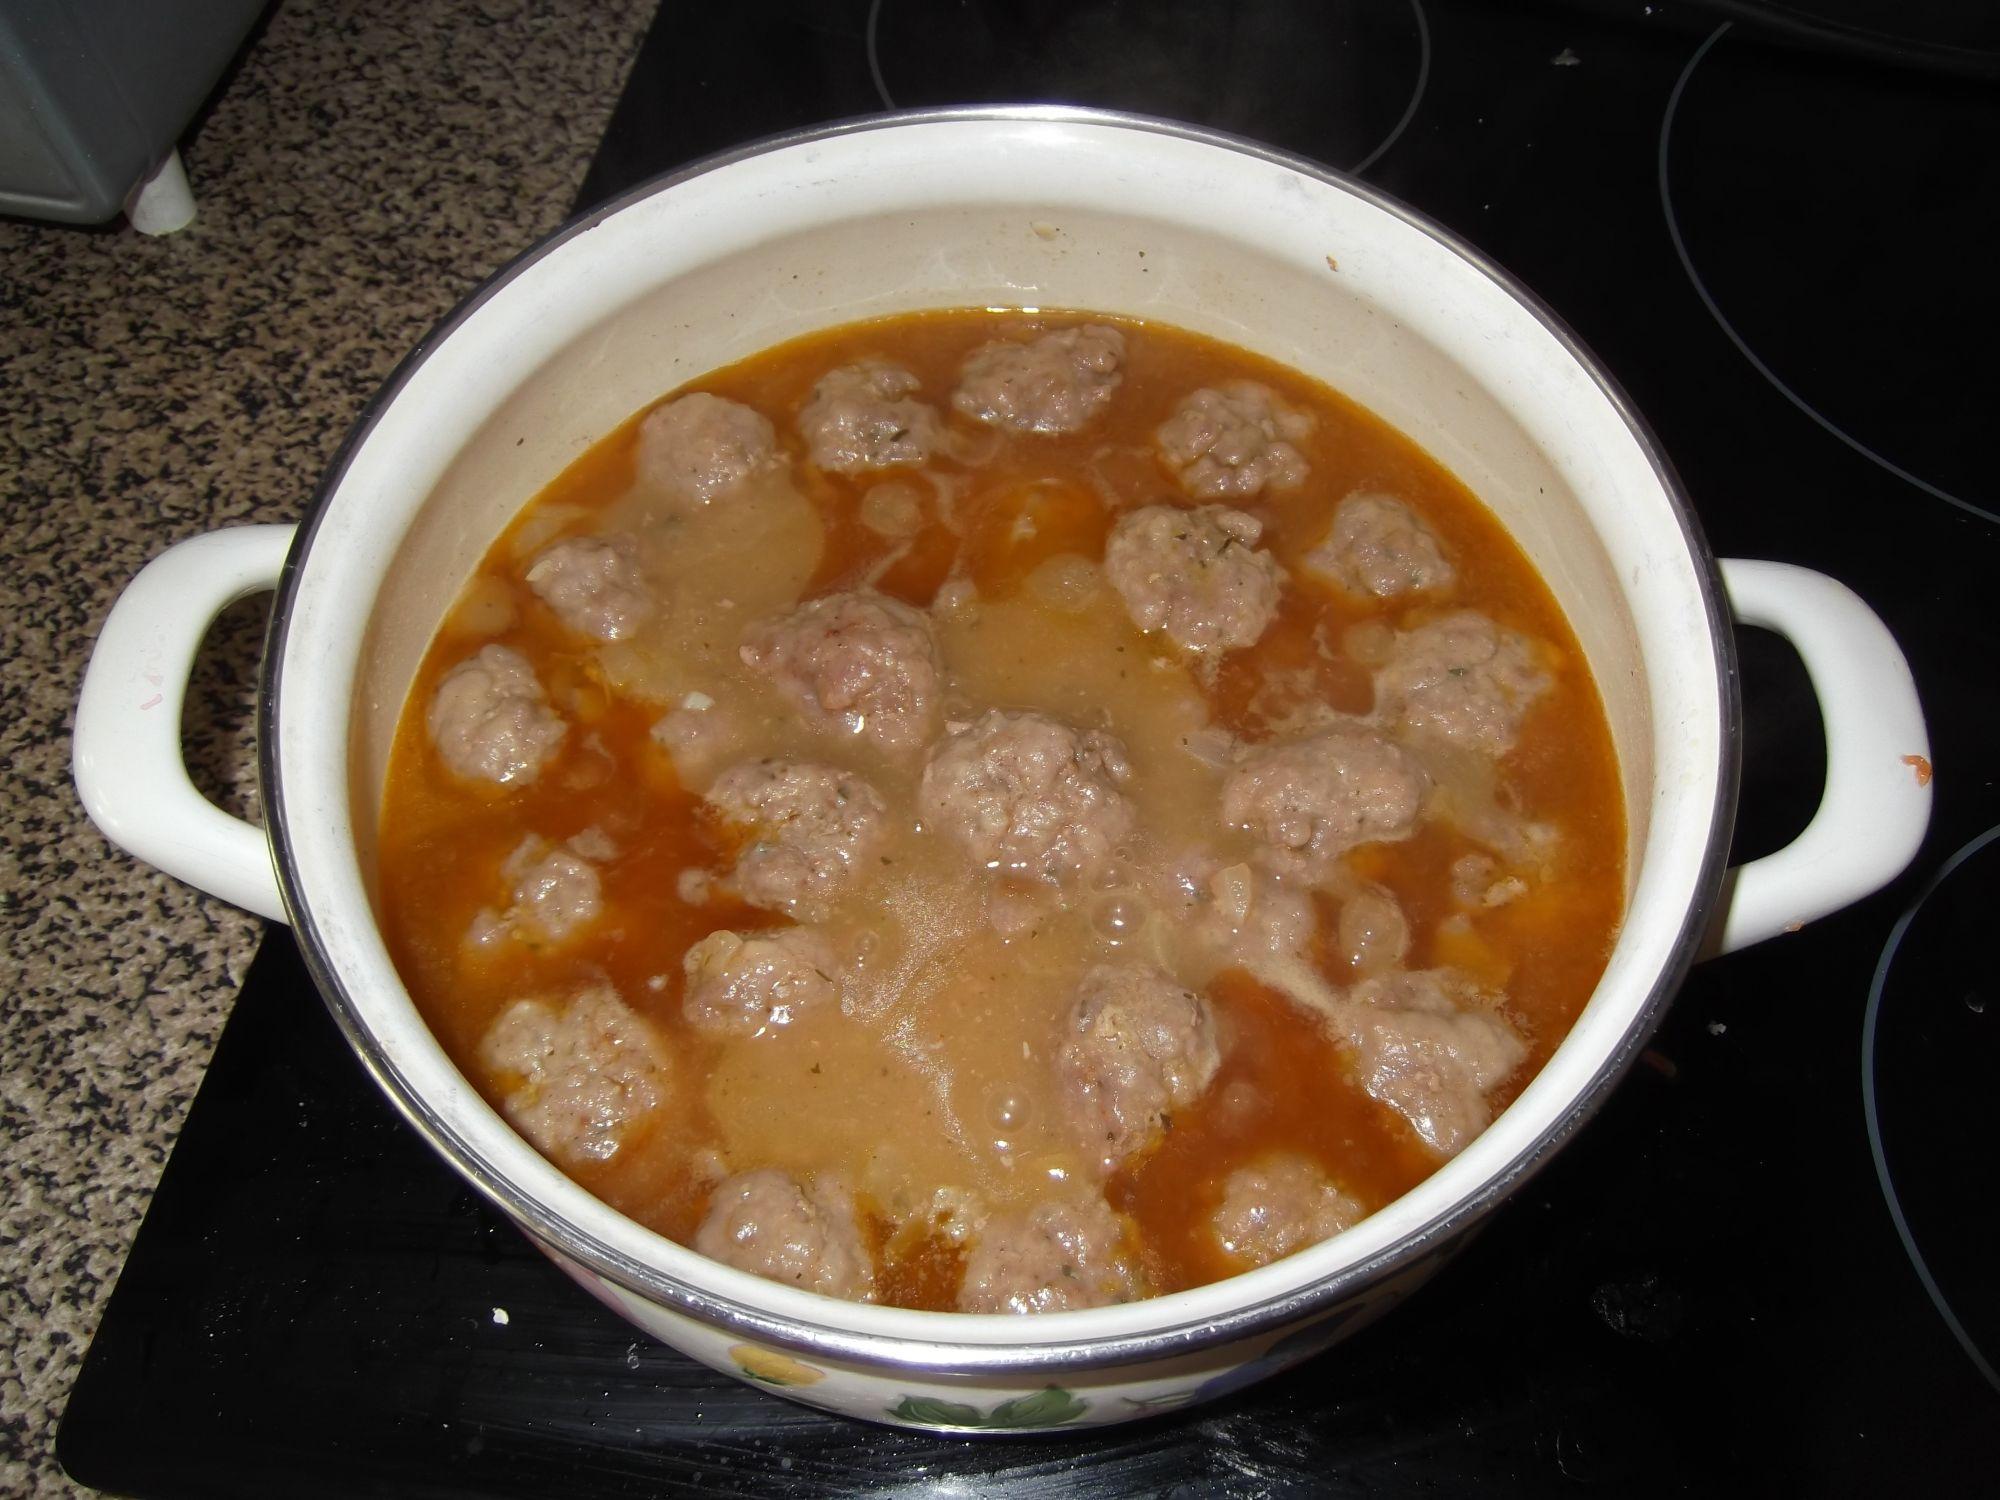 Alb ndigas de carne tradicionales - Albondigas tradicionales ...